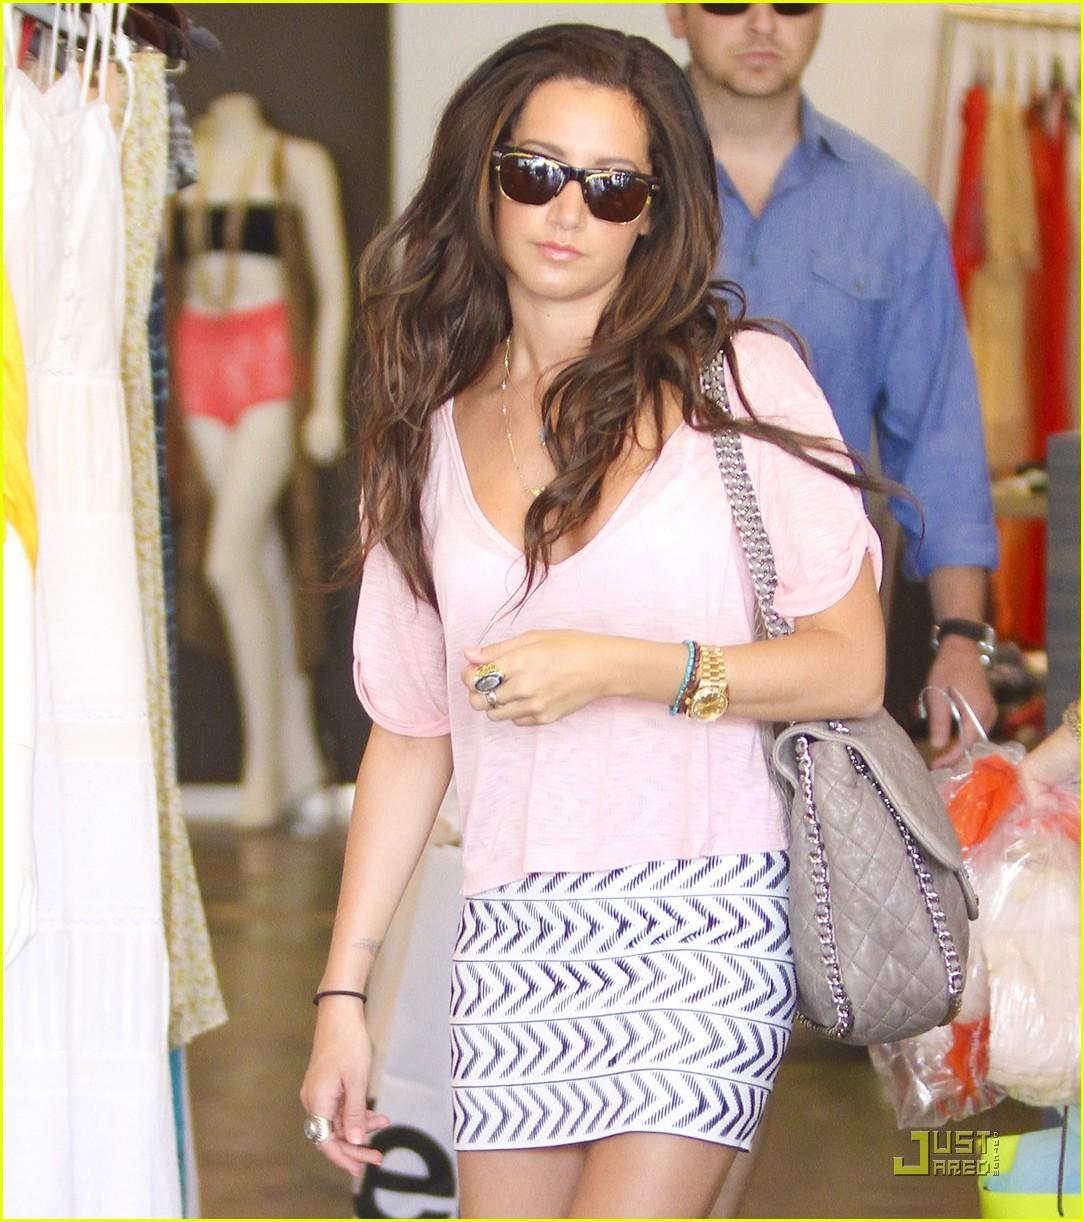 http://3.bp.blogspot.com/-8zr_MN1Gr6Y/Tg4jrXbCOuI/AAAAAAAAXlM/BG8zb-6dEAk/s1600/ashley-tisdale-bday-shopping-01.jpg